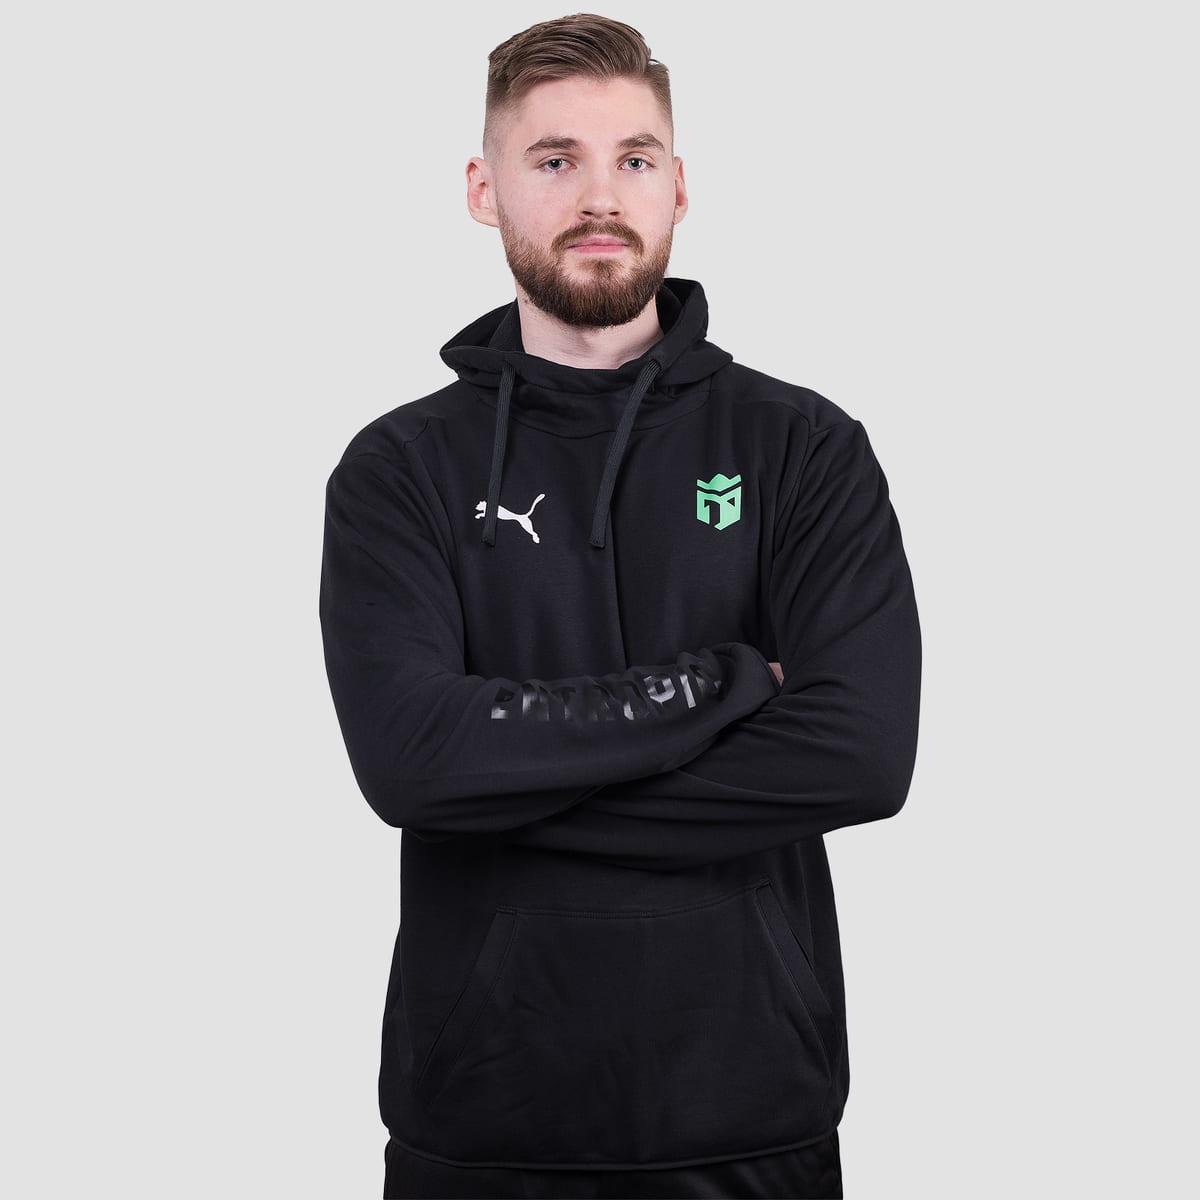 Český esports tým Entropiq a značka PUMA mají společnou kolekci